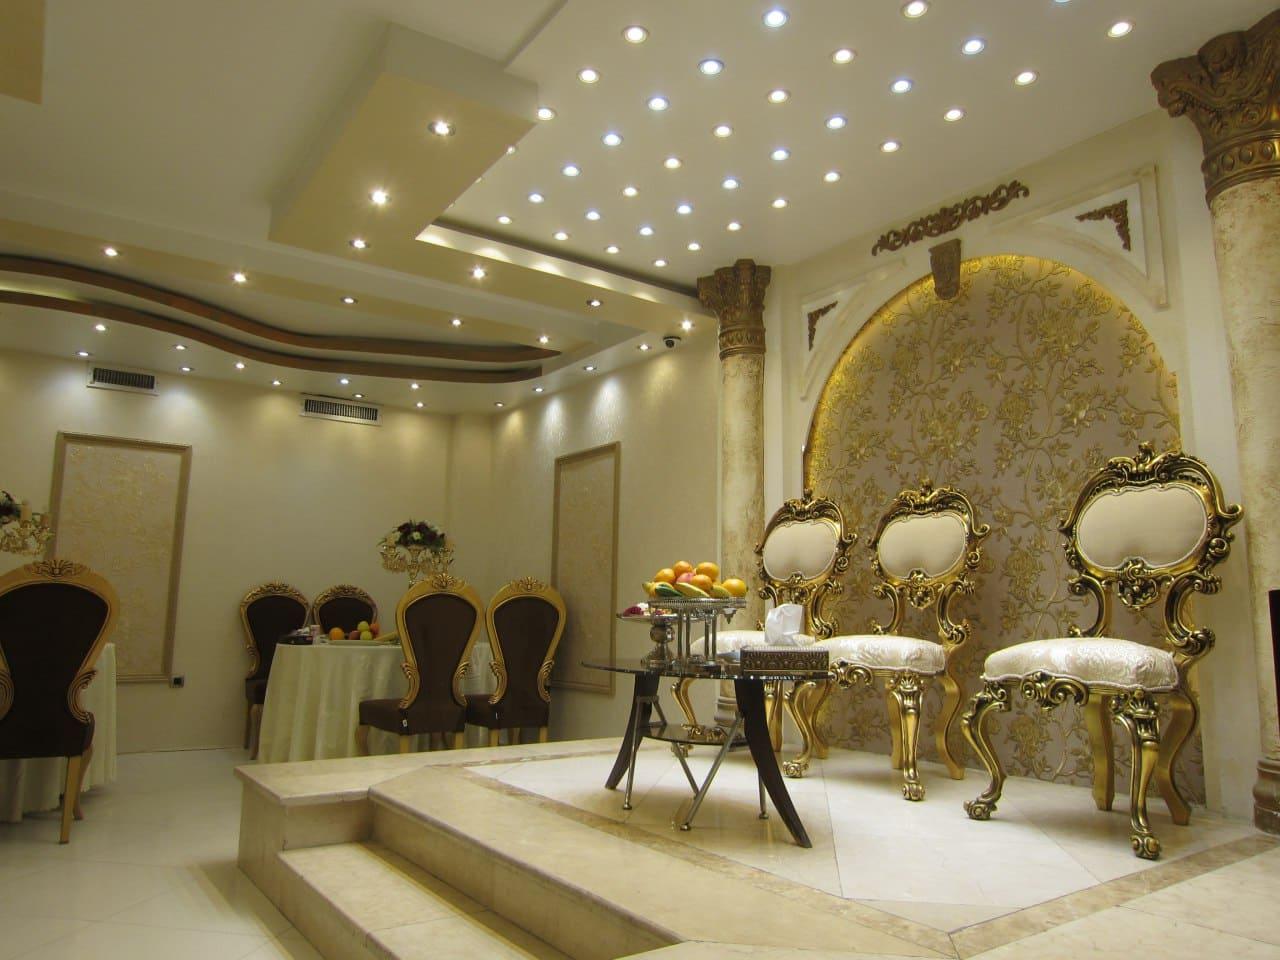 تالار پذیرایی قصر سفید پاسداران